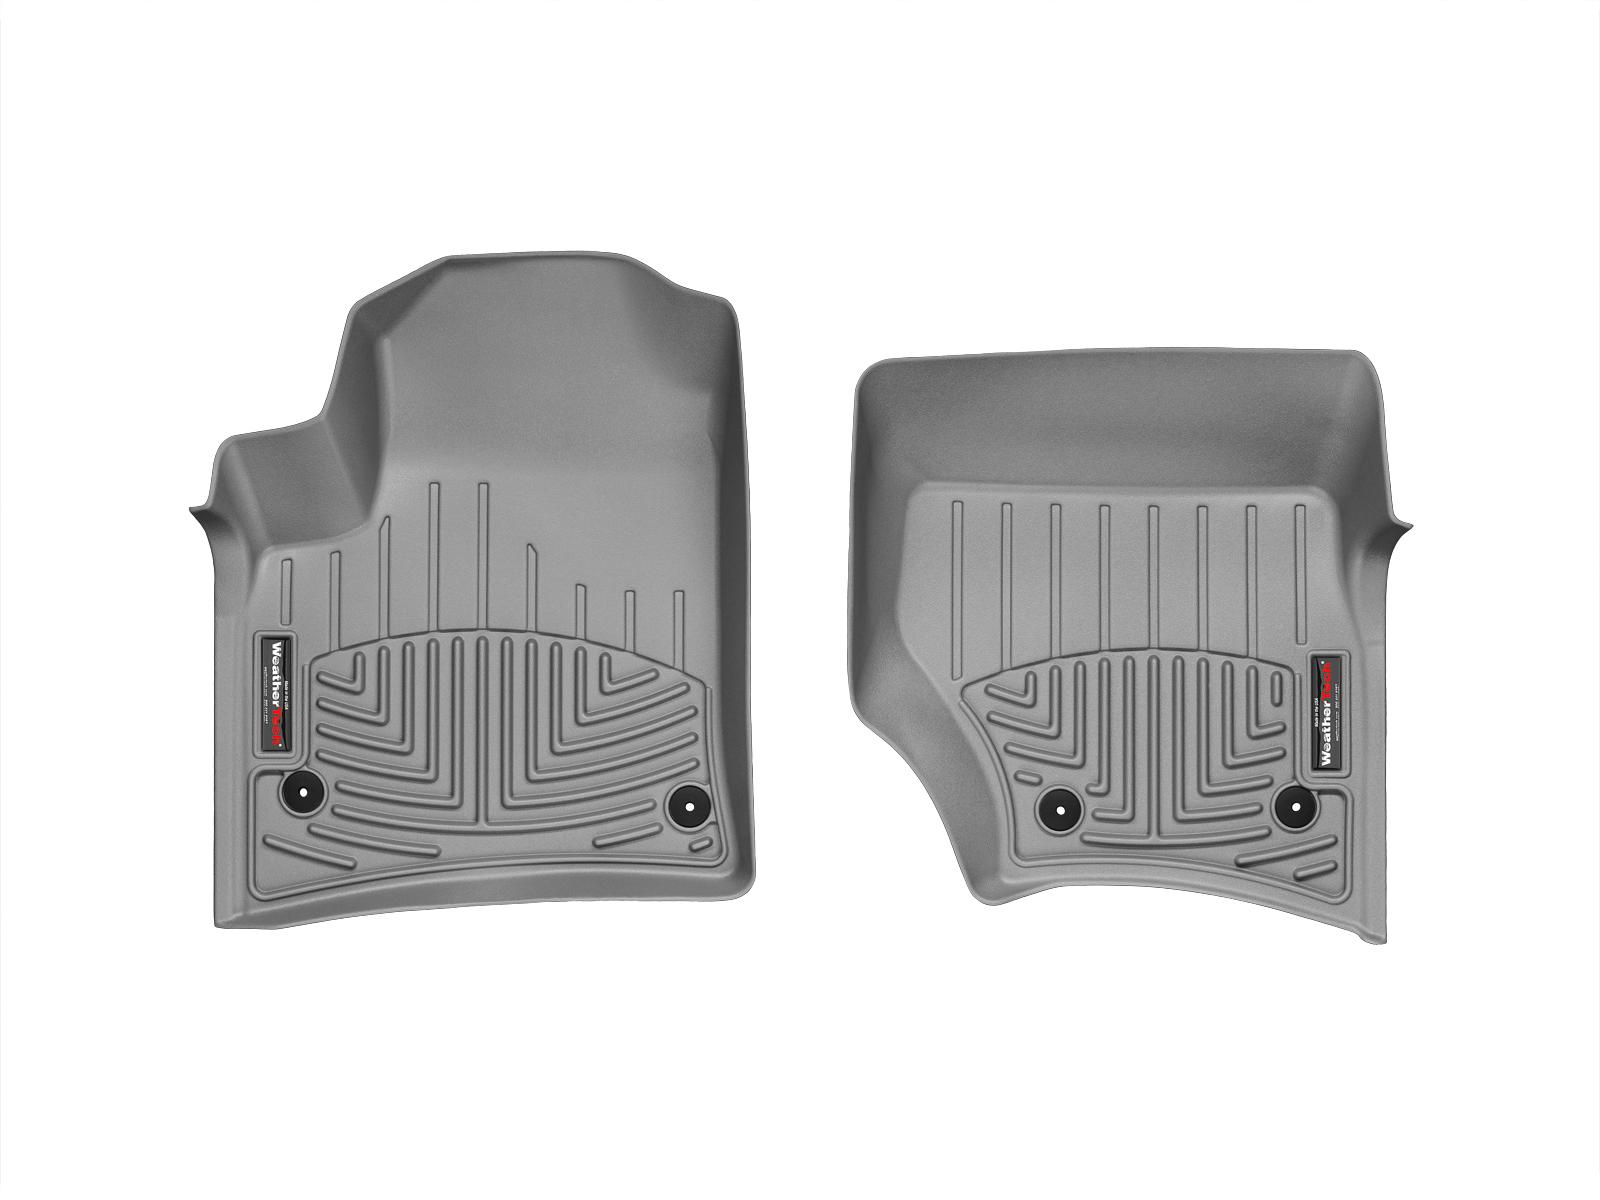 Tappeti gomma su misura bordo alto Porsche® Cayenne® 09>09 Grigio A3119